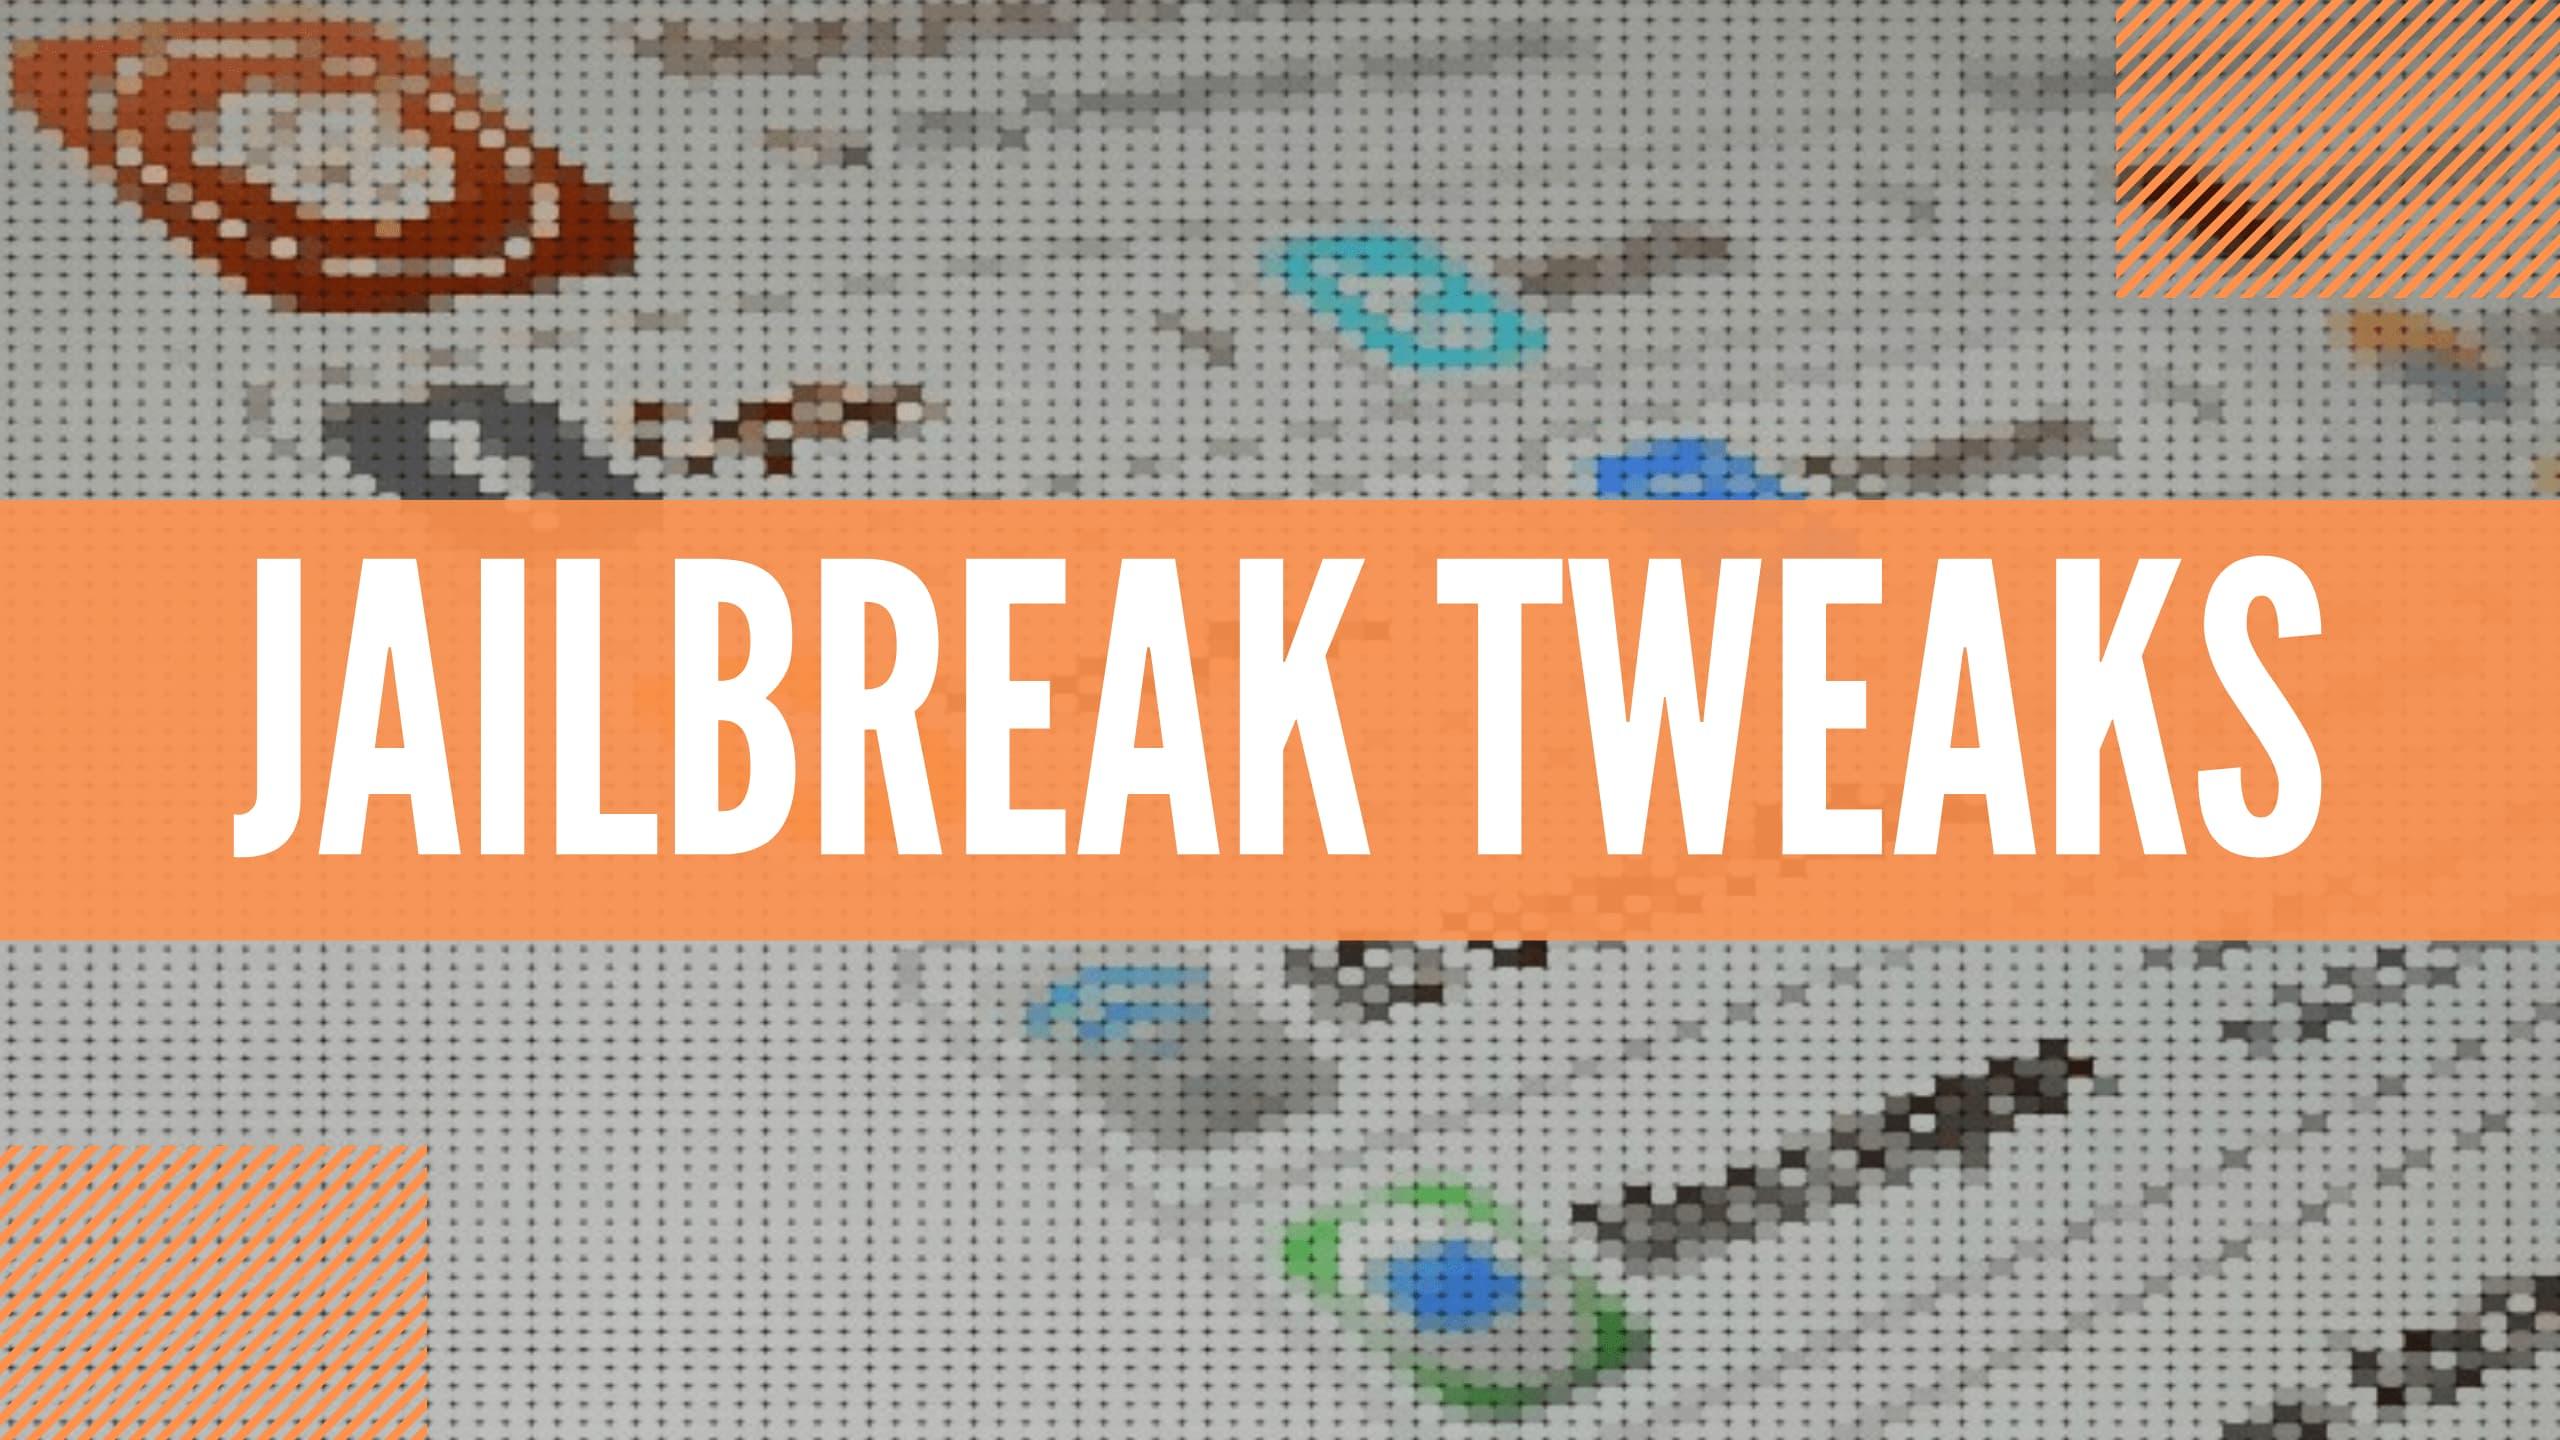 Điều chỉnh Bẻ khóa tuần này: Ayedapt, Quit ALL, Velox Tải lại và nhiều hơn nữa